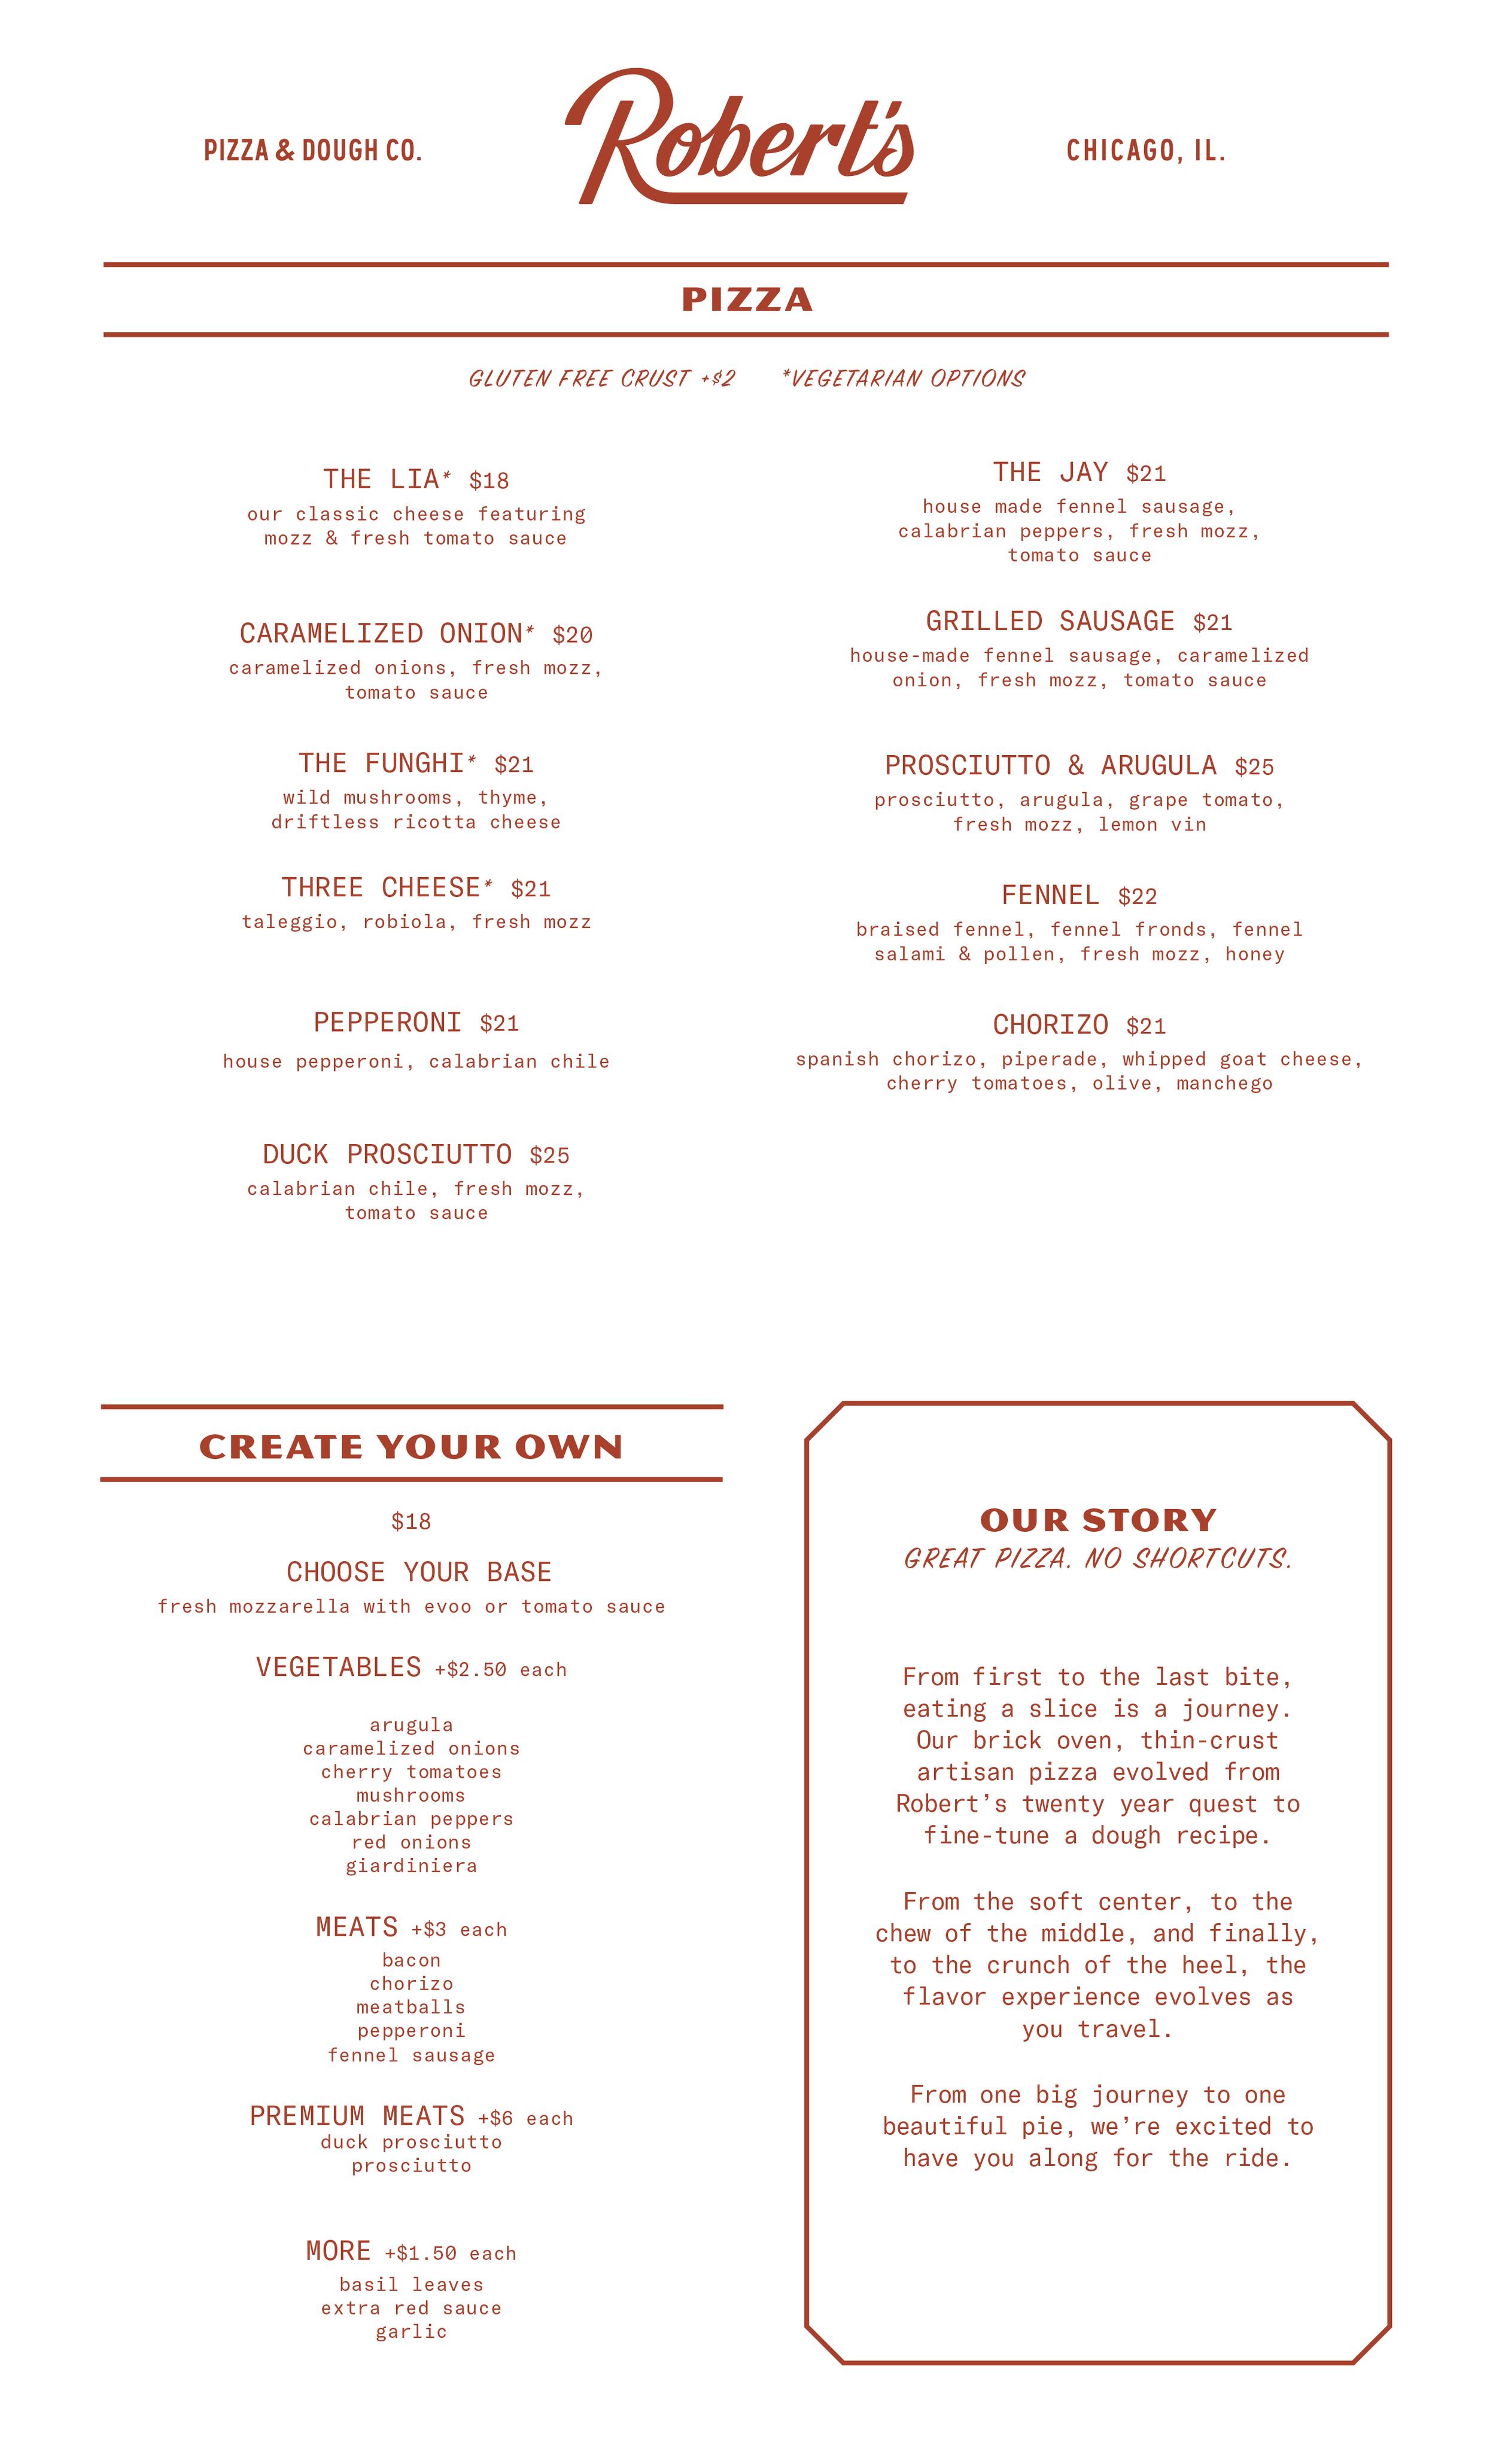 07202019_TEMPORARYDAY_menu-02.png